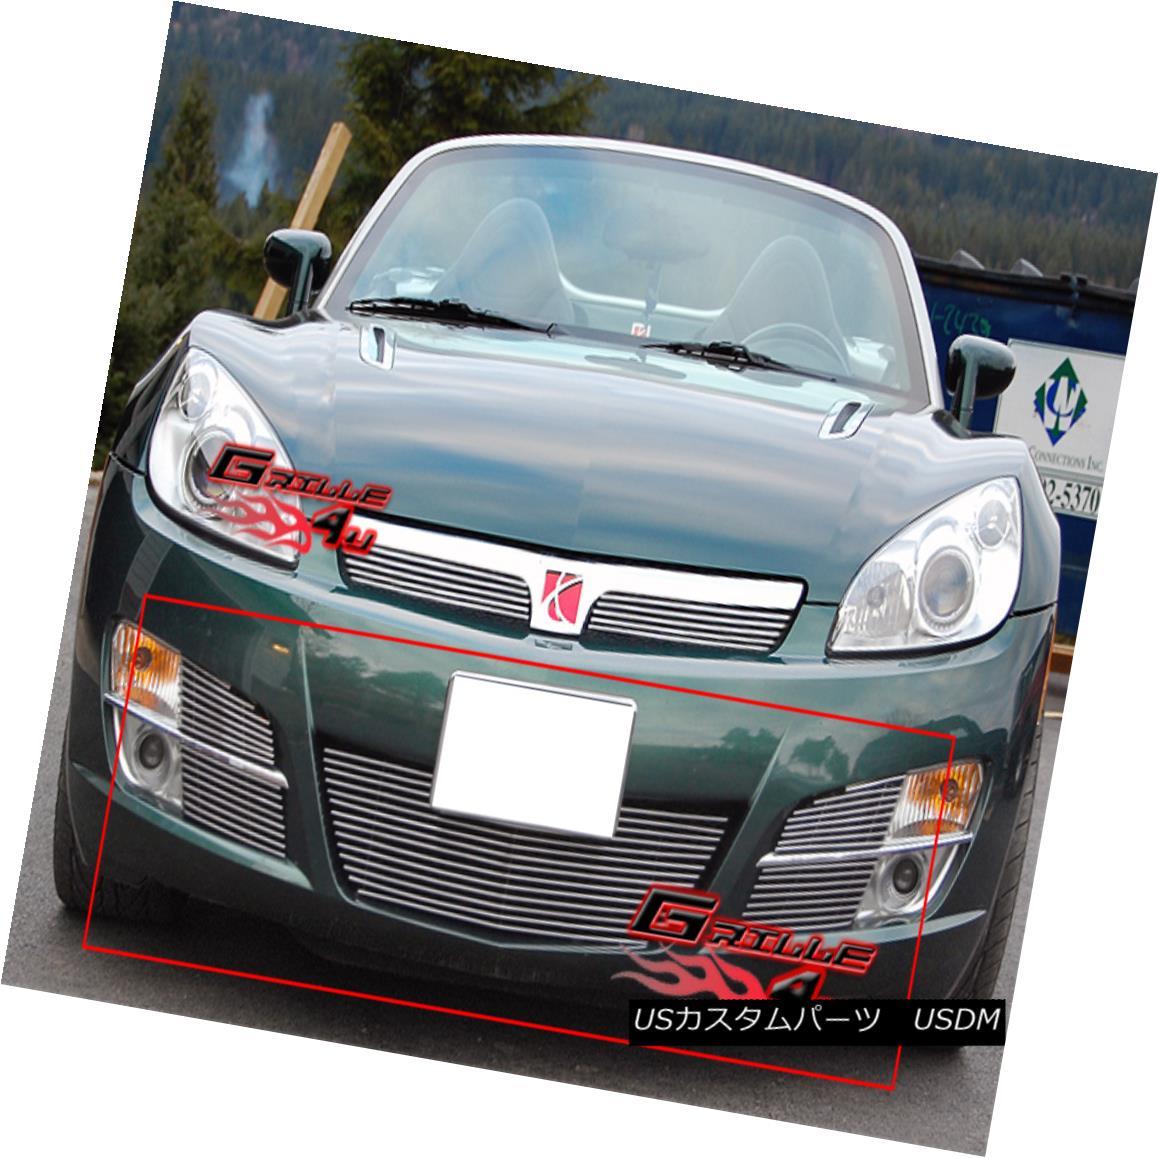 グリル Fits 2007-2009 Saturn Sky Bumper Billet Grille Insert 2007年?2009年のサターン・スカイ・バンパー・ビレット・グリル・インサート